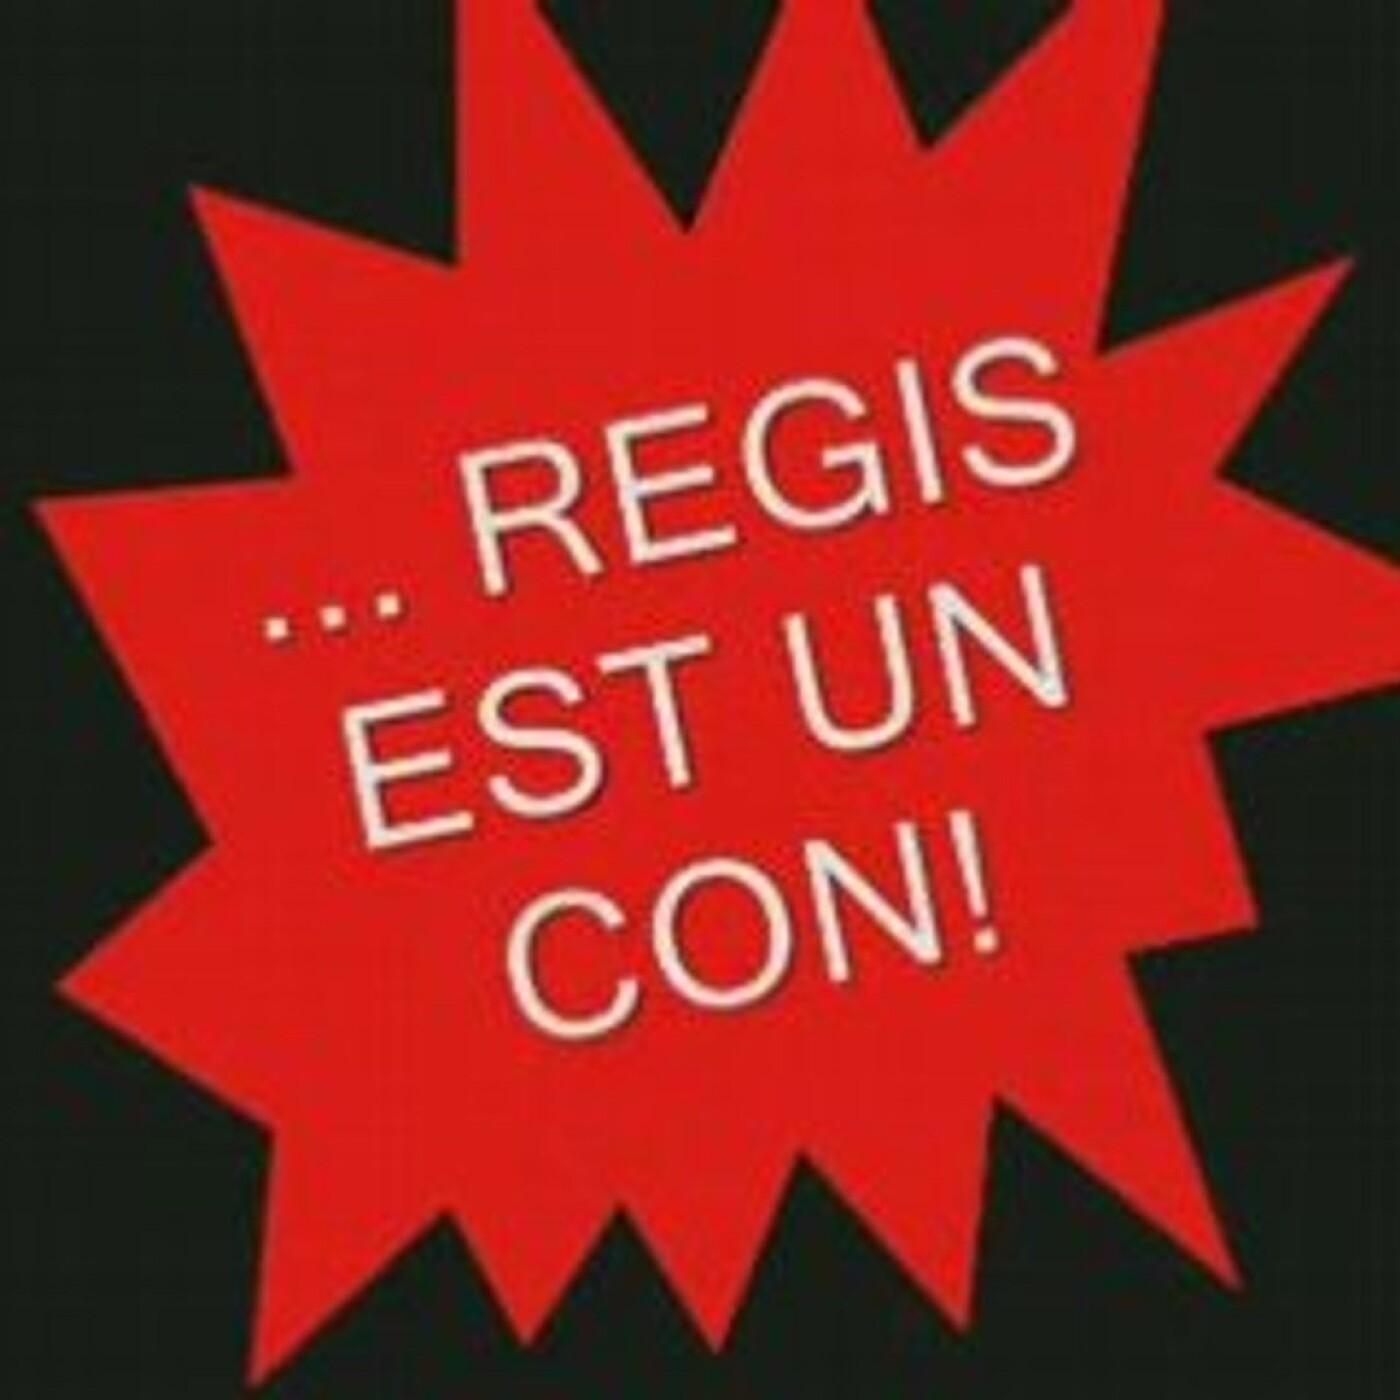 Humeur du jour de Gauthier, Françis joue au con - 30 03 2021 - StereoChic Radio